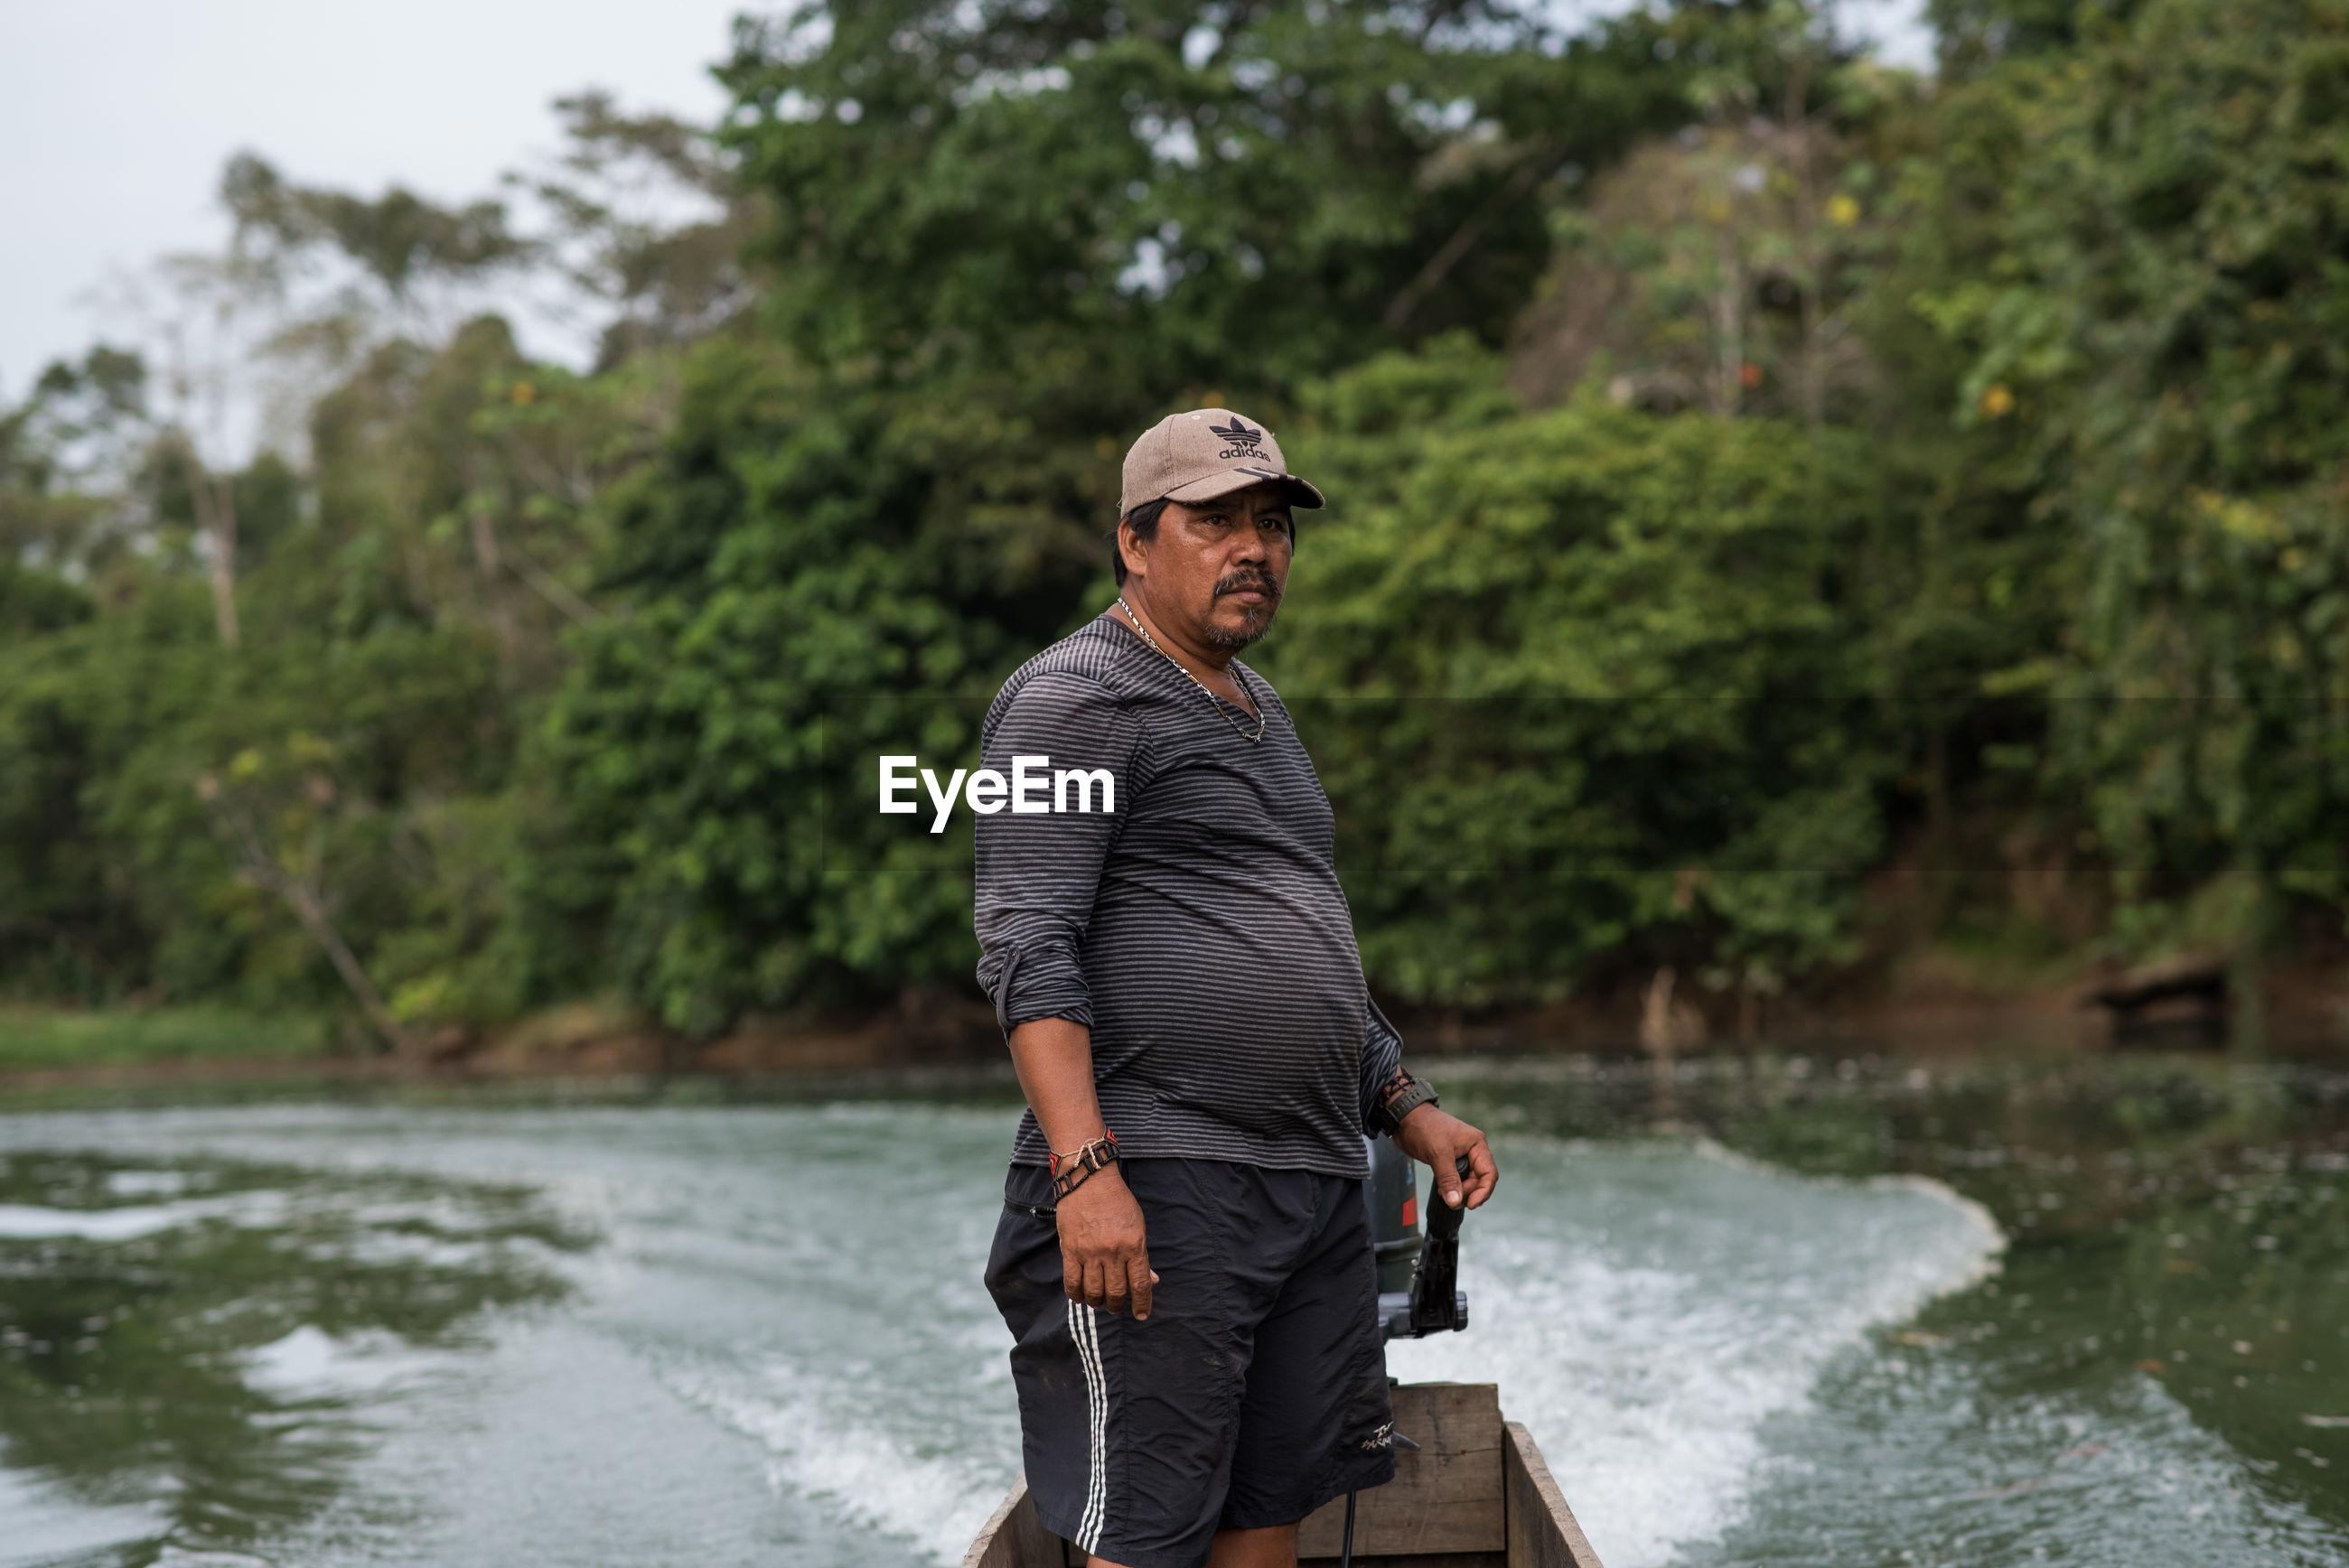 FULL LENGTH OF MAN STANDING AGAINST RIVER